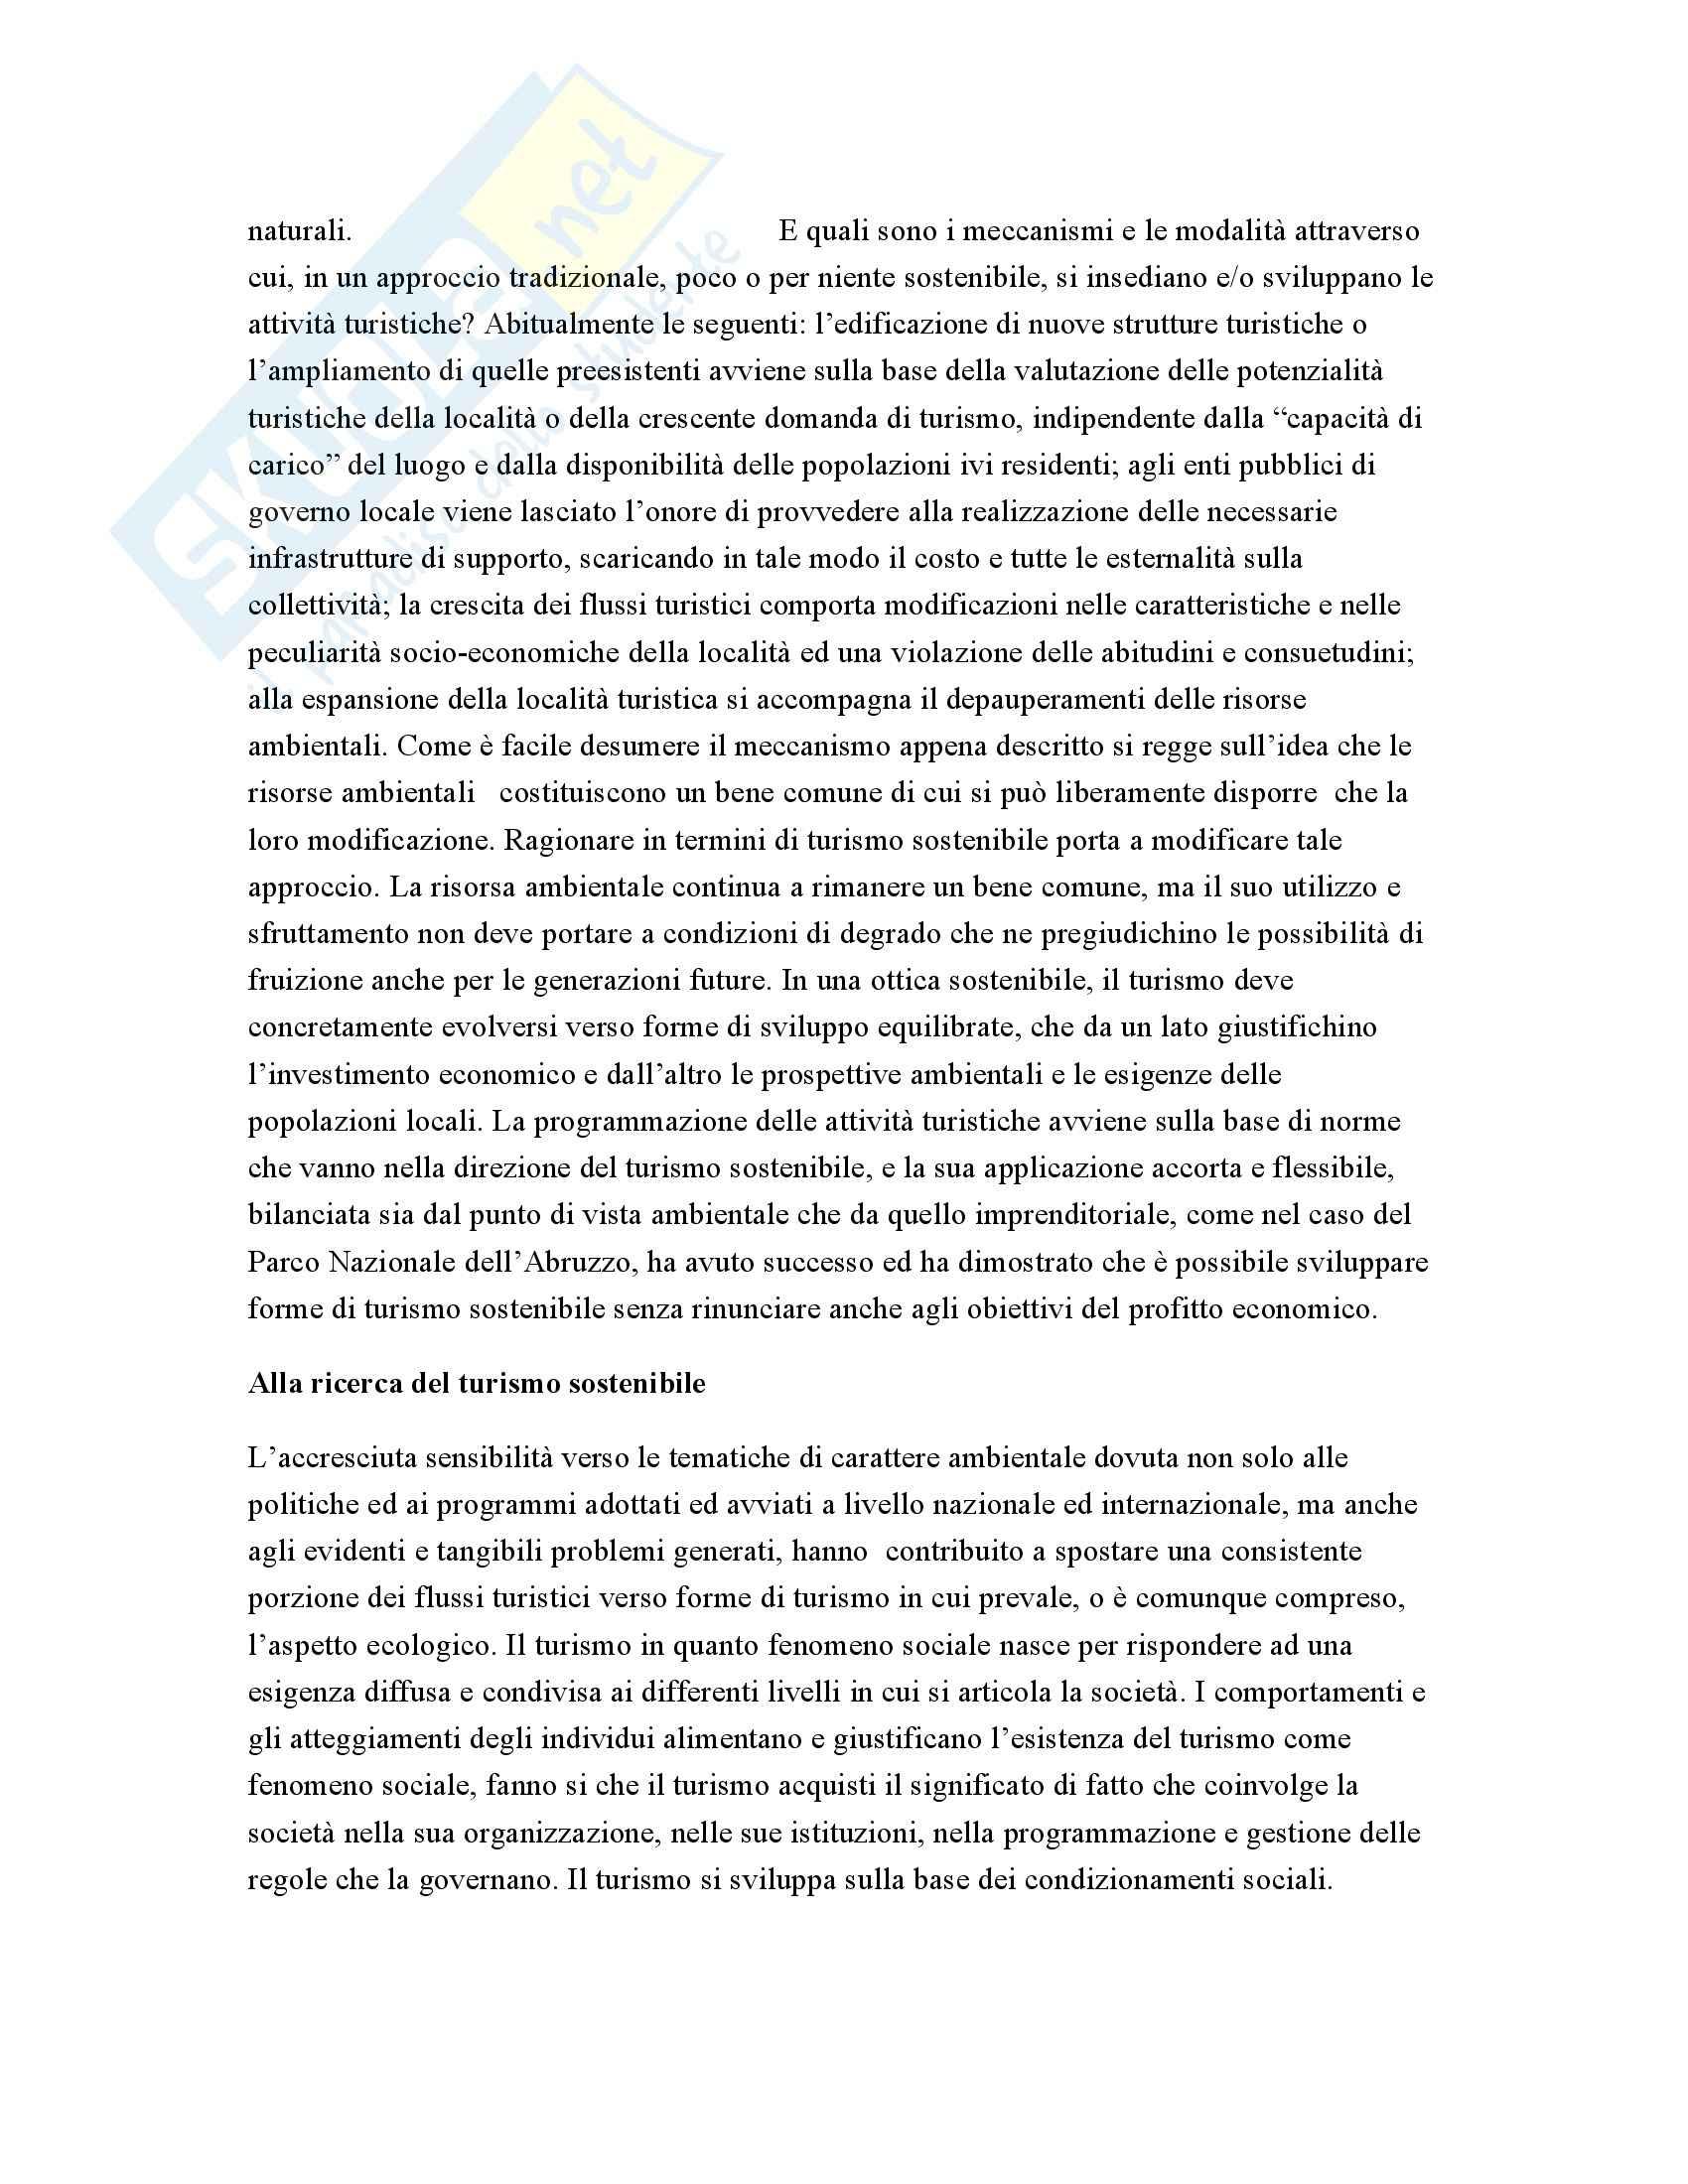 Sociologia del turismo - Appunti Pag. 11